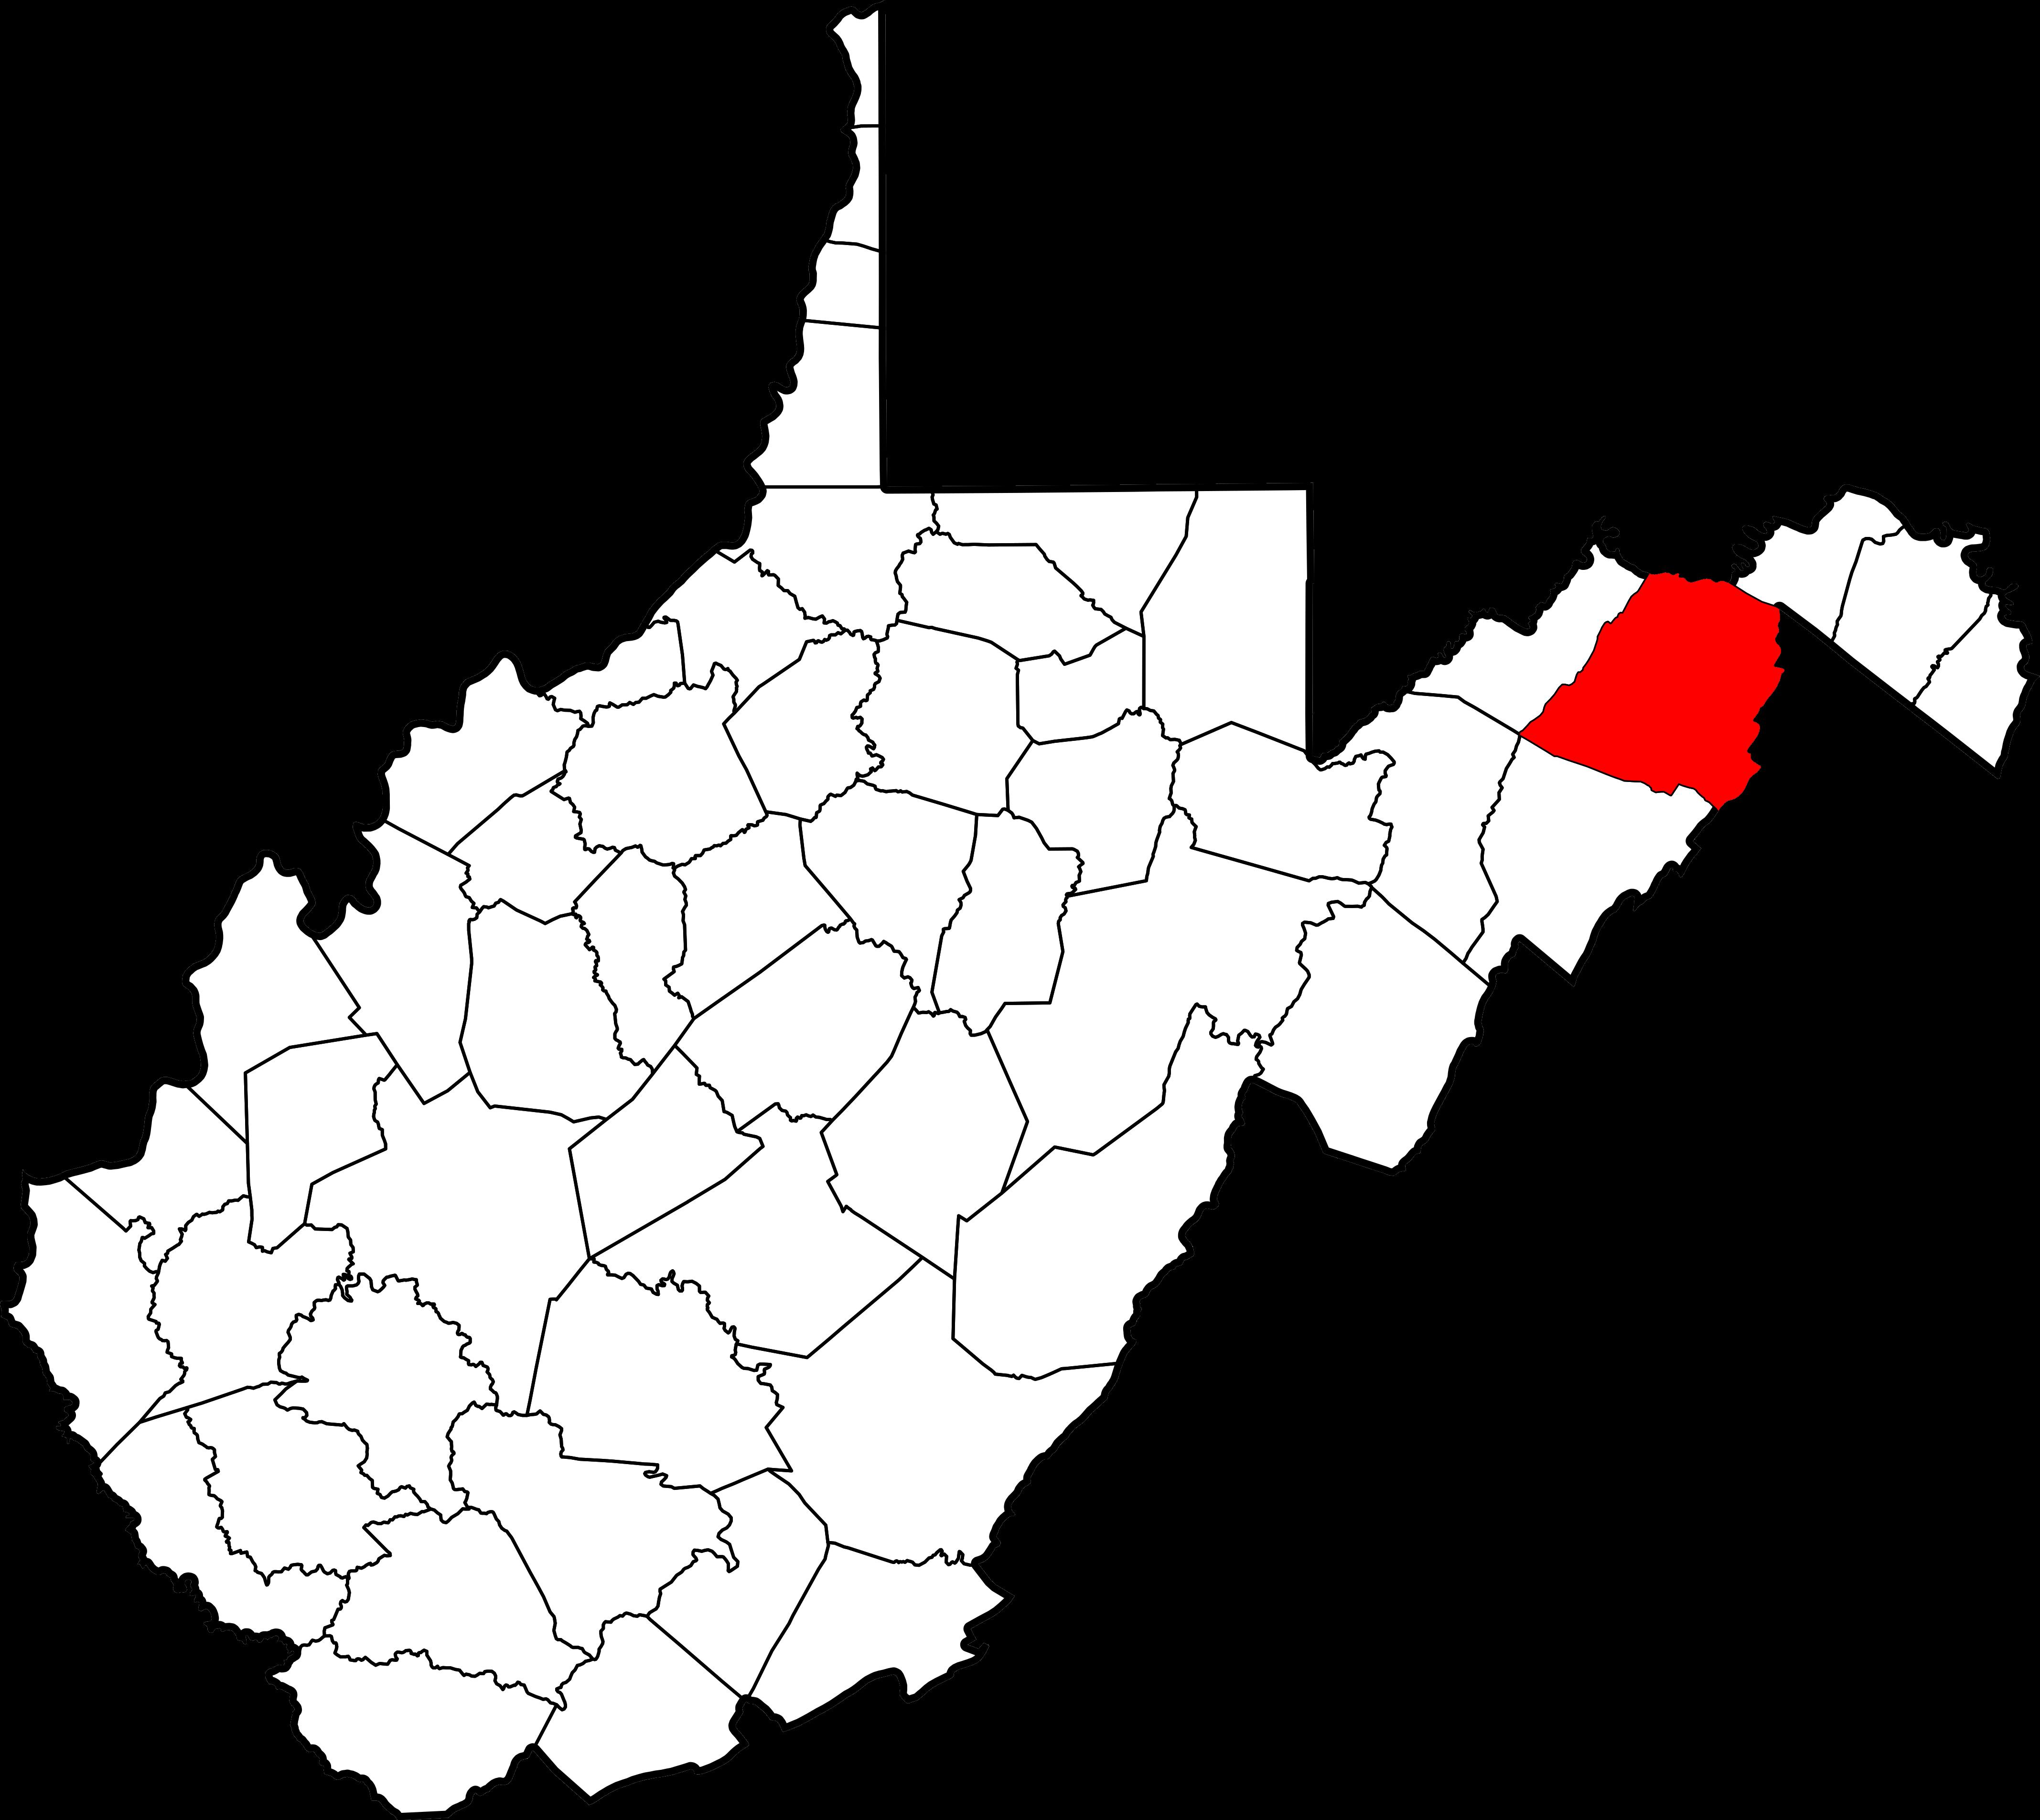 West Virginia svg #7, Download drawings